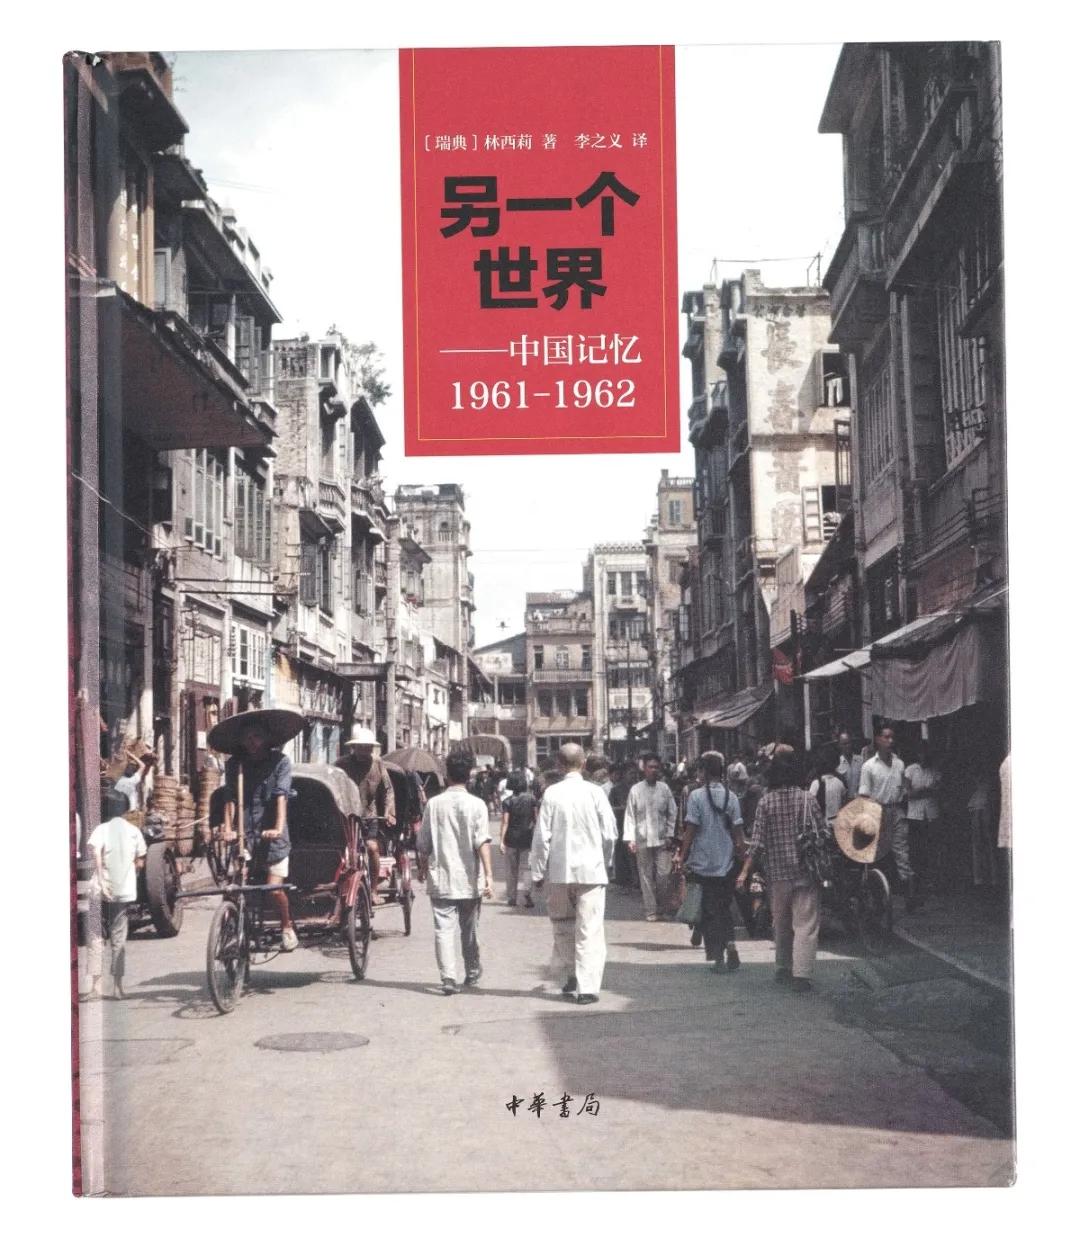 《另一个世界——中国记忆1961-1962》林西莉